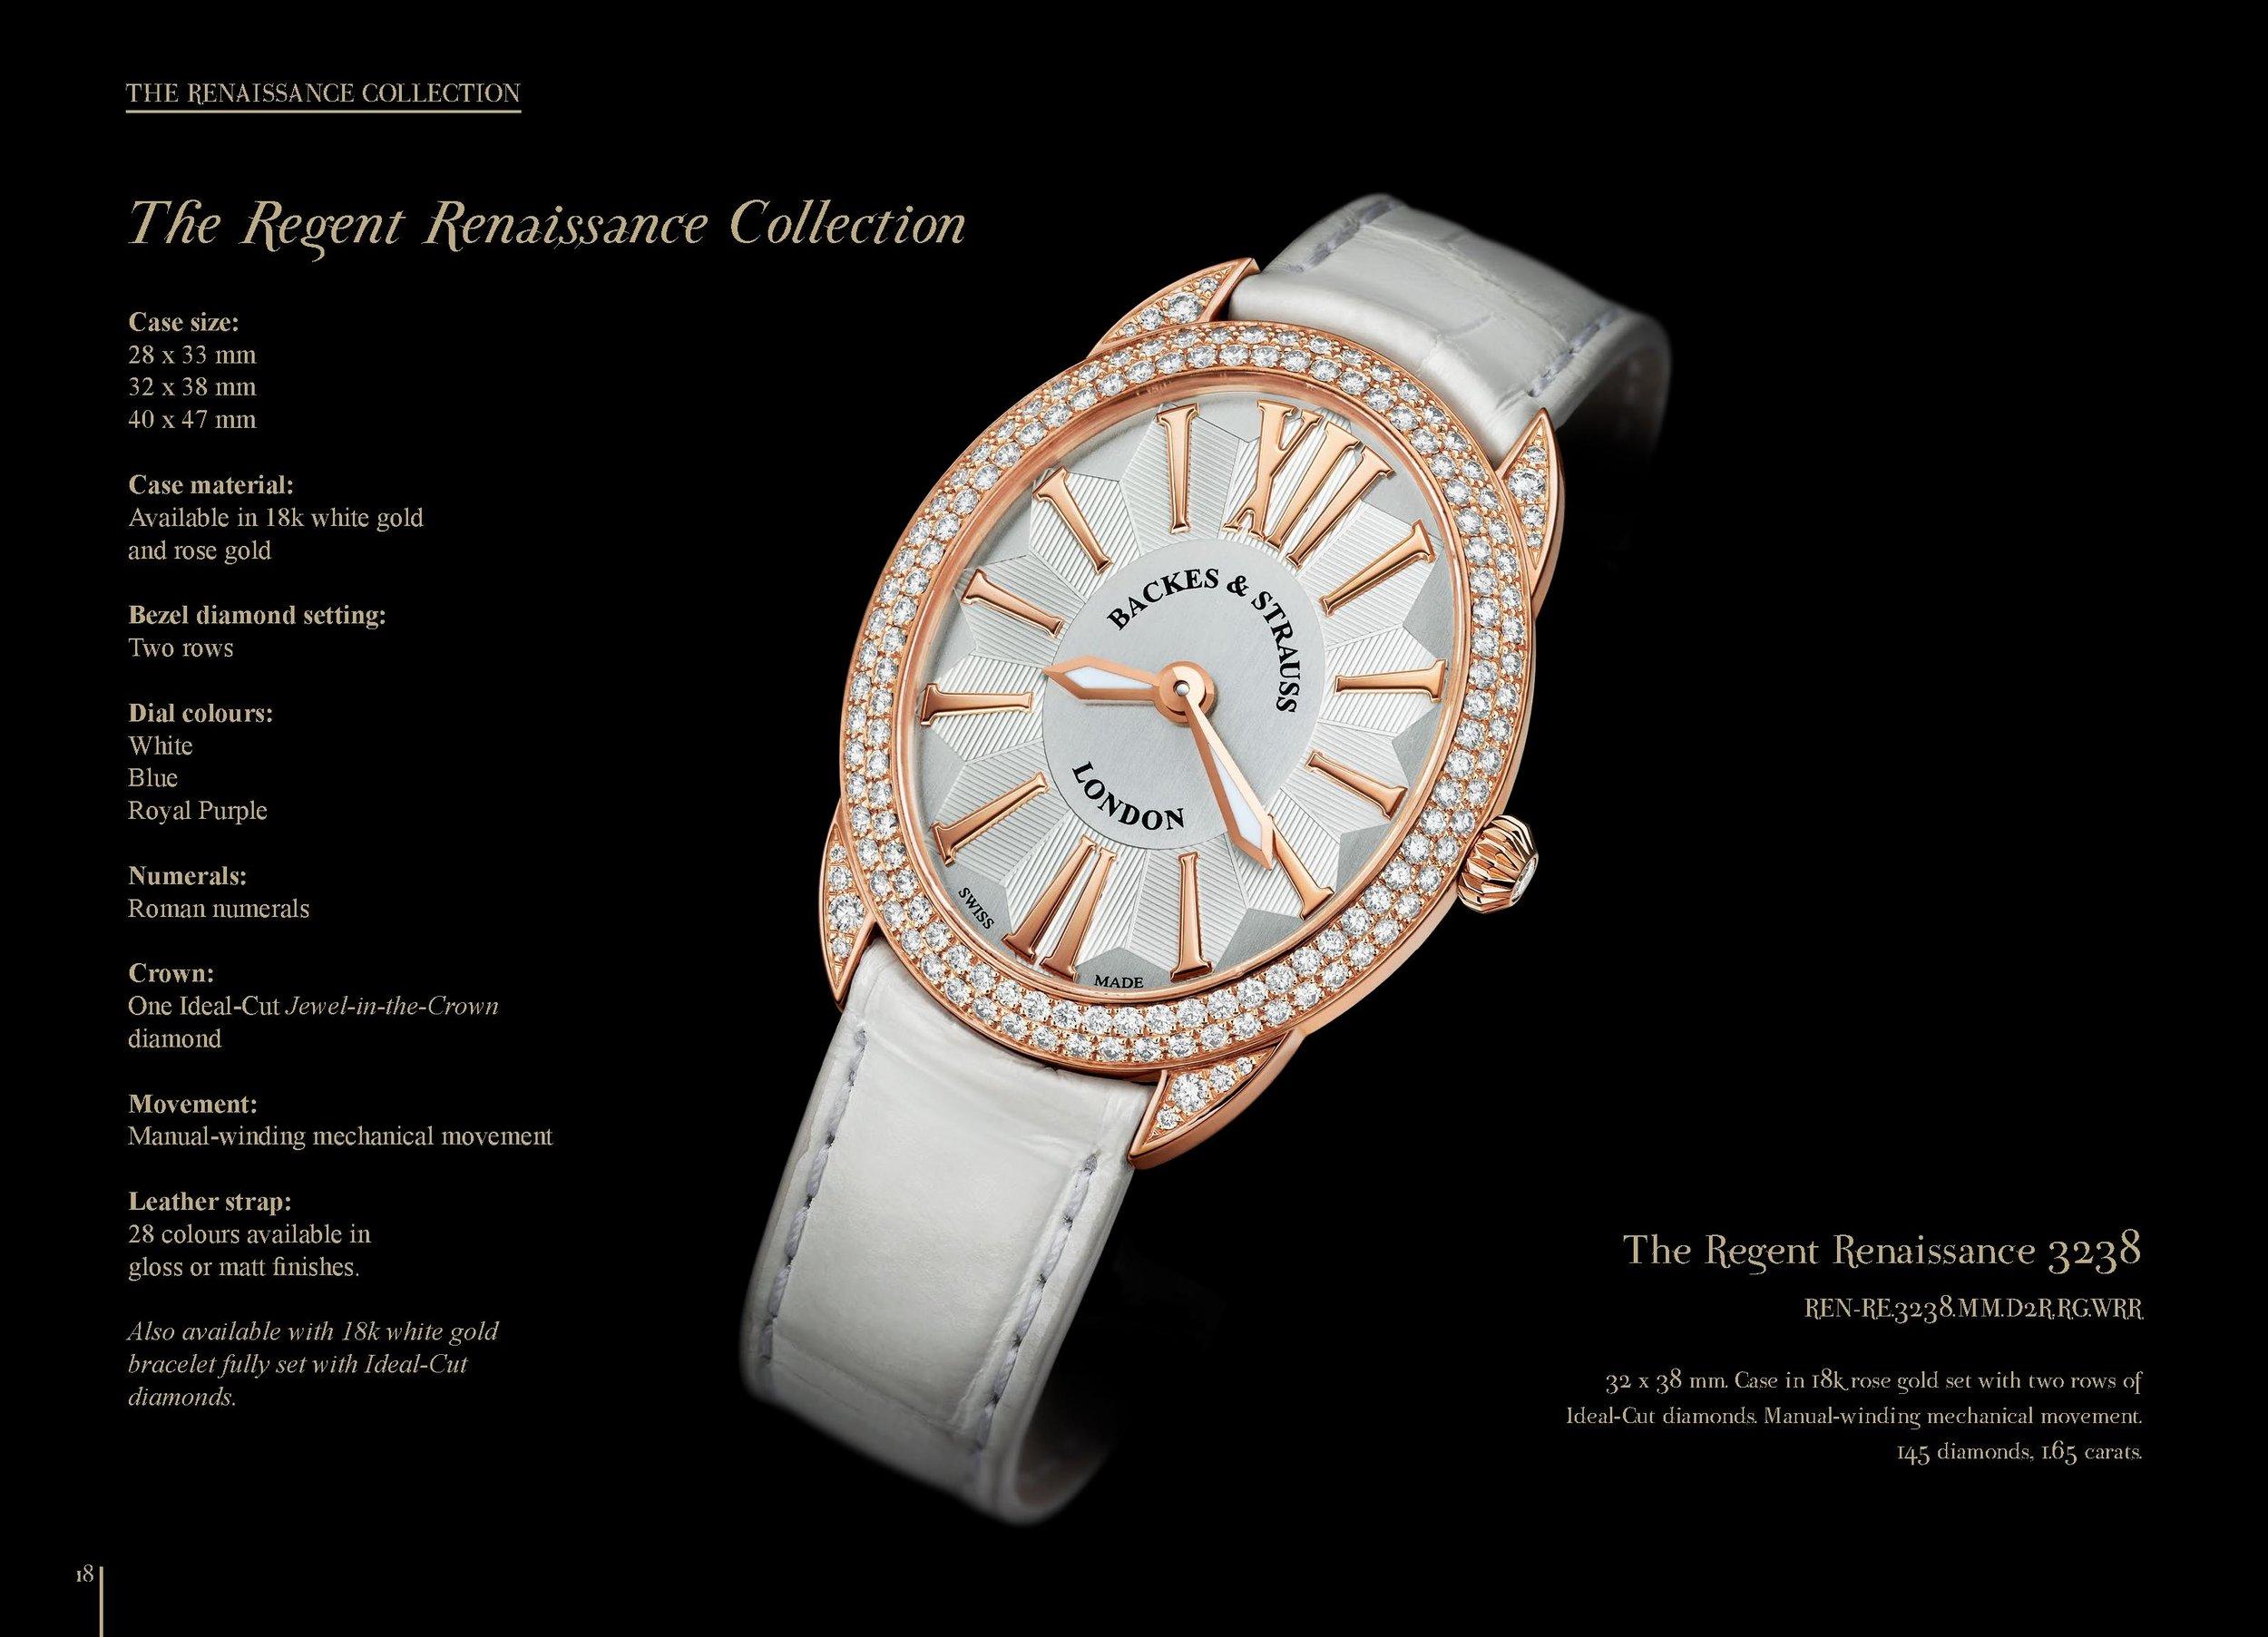 Regent Renaissance 3238 watch